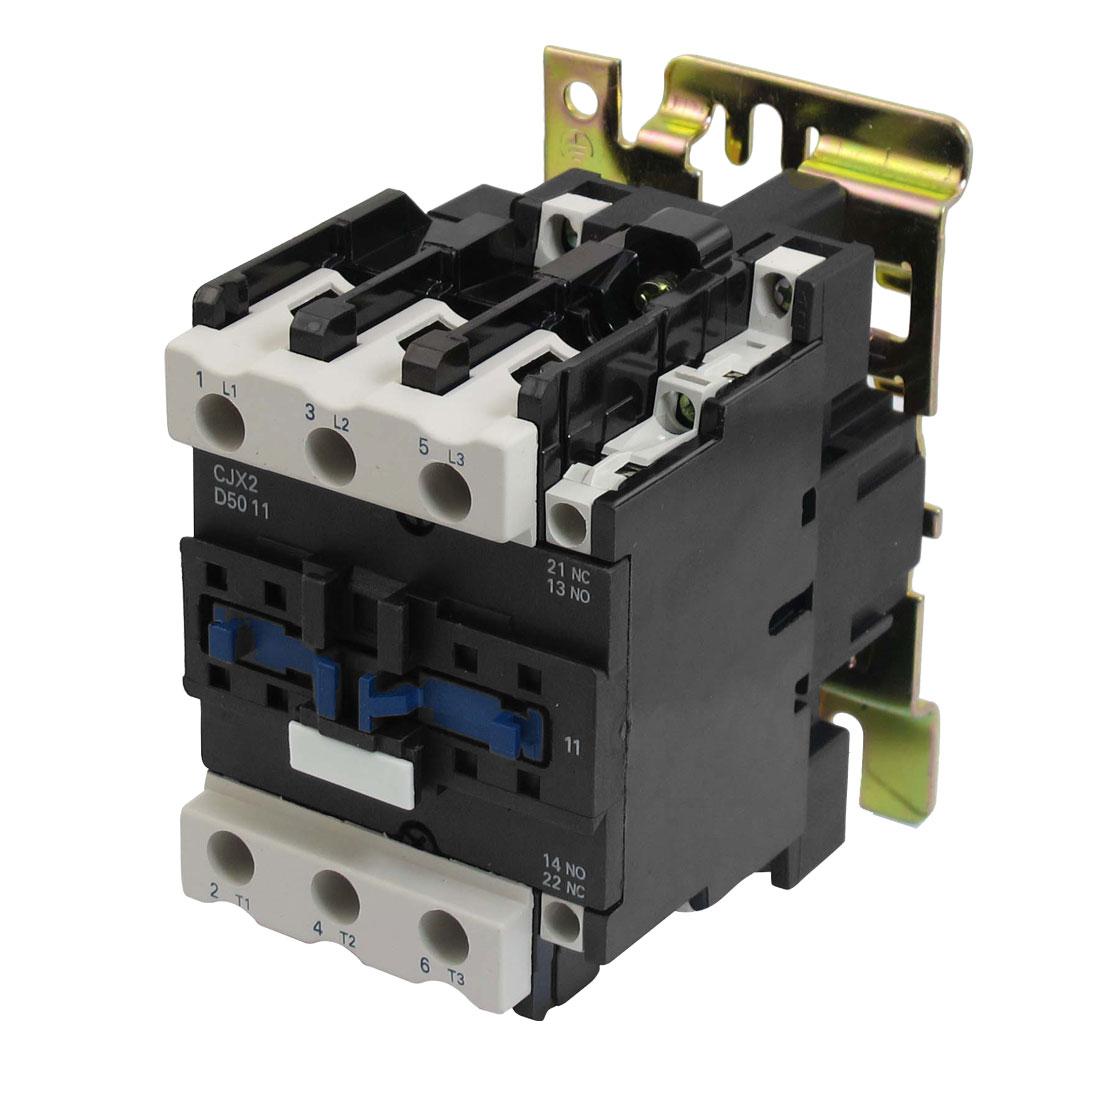 220V 50/60Hz Coil 50A 3 Pole 1NO 1NC AC Contactor w Bracket Plate